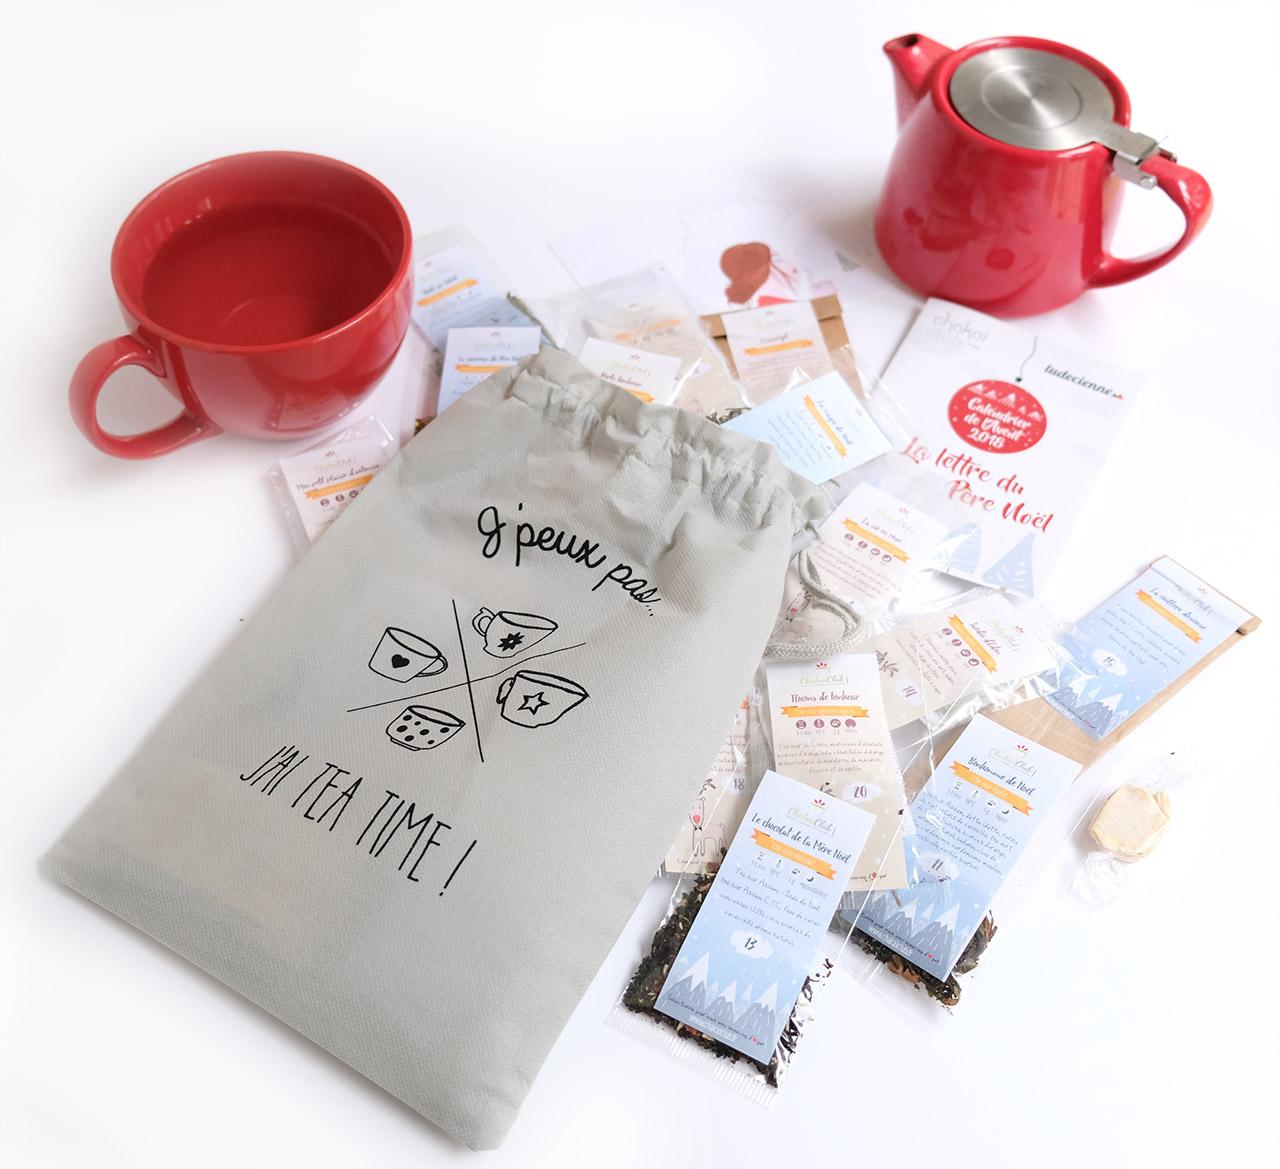 Calendrier de l'avent Chakaiclub 2018 : un calendrier de l'avent pour adultes rempli de thé et infusions